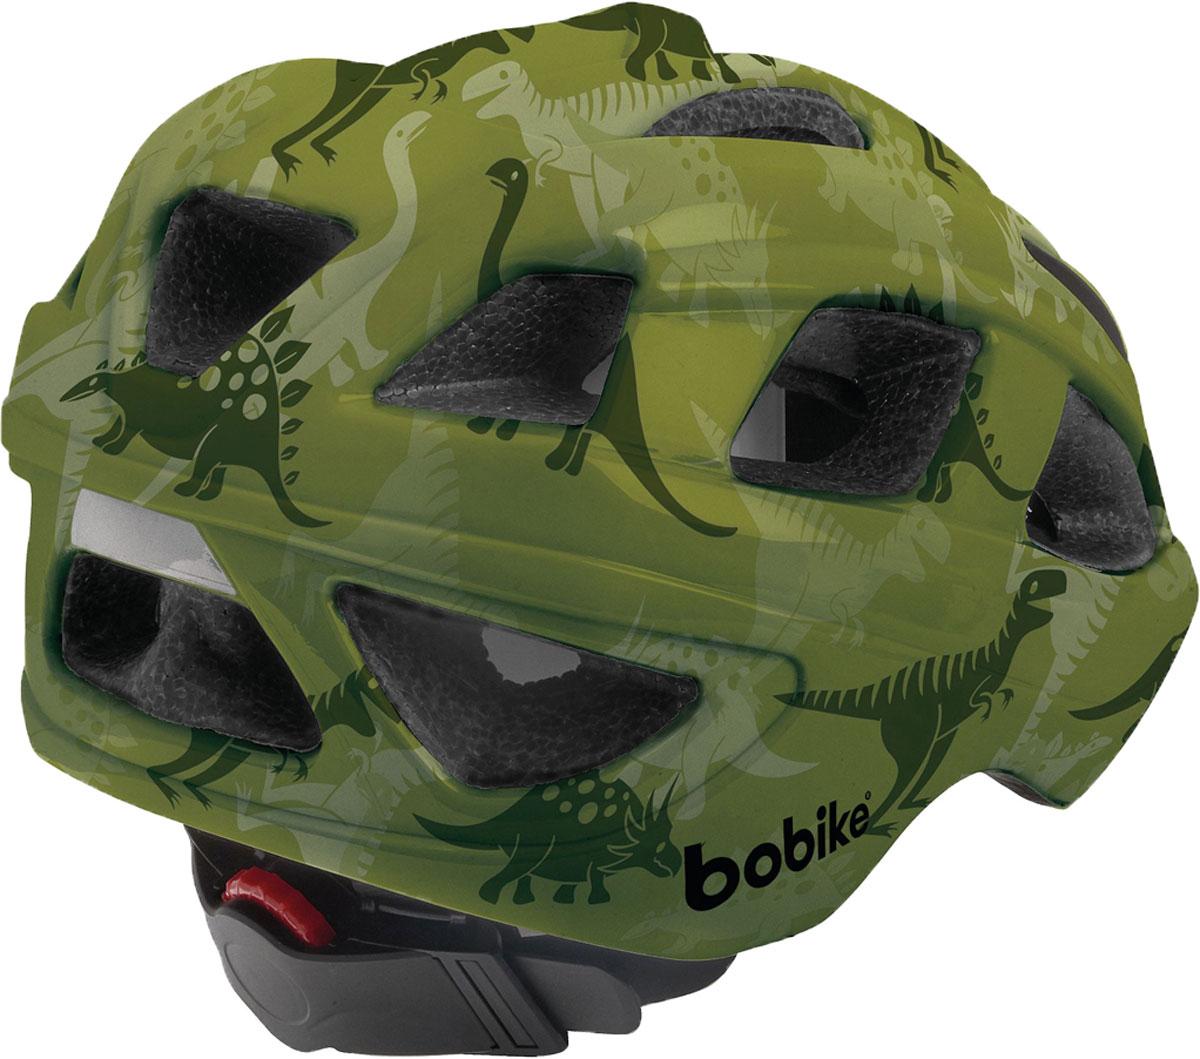 Основа безопасного катания на велосипеде – это хороший шлем. Bobike понимает это и представляет линейку шлемов Bobike Helmet PLUS. Под ярким и запоминающимся дизайном, который обязательно понравится вашим детям, скрывается прочная и лёгкая конструкция ин-молд с улучшенной защитой затылка. 16 вентиляционных отверстий обеспечивают великолепную циркуляцию воздуха. Каждое вентиляционное отверстие закрыто противомоскитной сеткой, защищая голову от летящих жуков. Шлем имеет термоформируемую подкладку и регулировку размера для идеальной подгонки посадки шлема под голову вашего ребёнка и светоотражающую наклейку на затылке, увеличивающую заметность ребёнка на дороге.• Конструкция ин-молд• 3 великолепных запоминающихся дизайна• 16 вентиляционных отверстий• Термоформирующаяся подкладку• Регулировка размера на затылке• Светоотражающай элемент, для лучше заметности на дороге• Возраст от 5 лет• Размер S: от 52 до 56 см• Вес: 235 г.